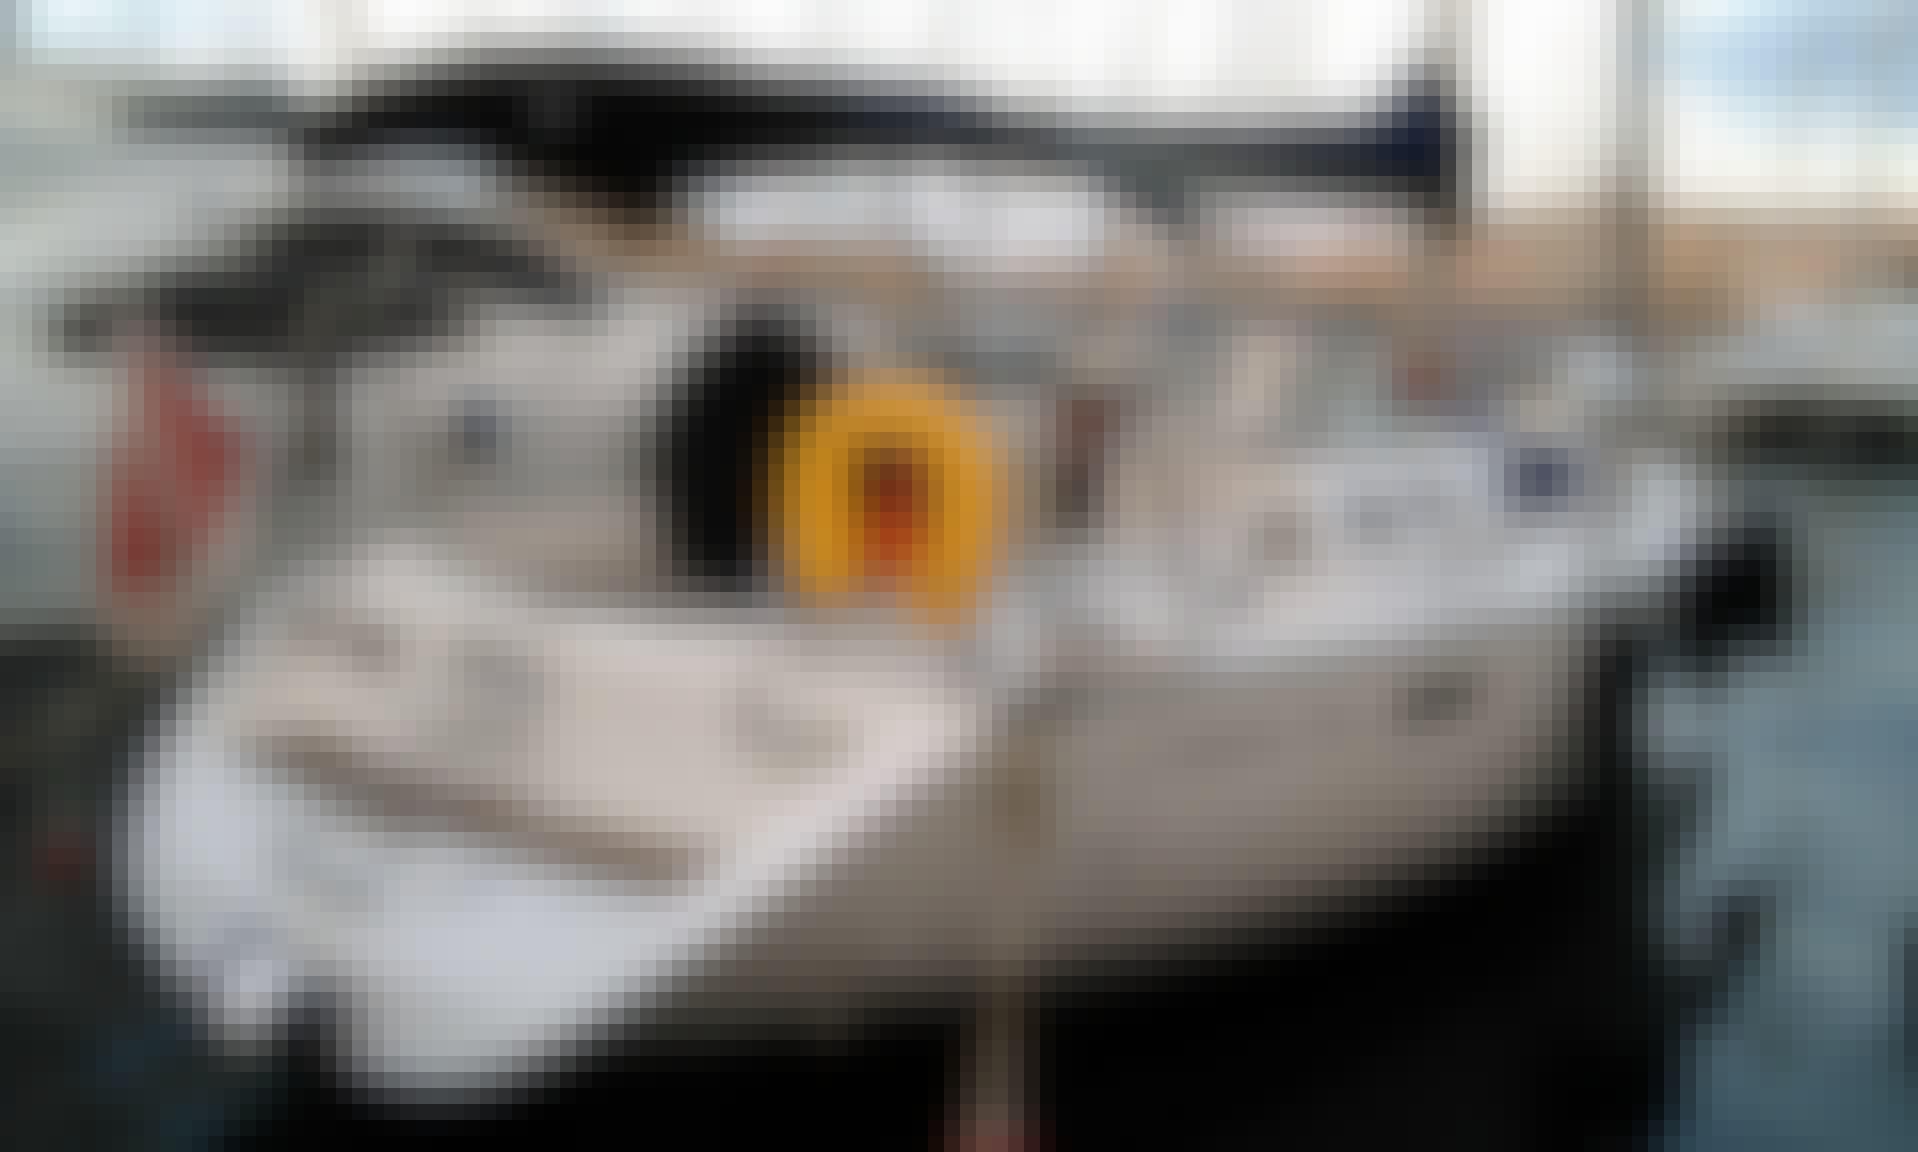 Beneteau Oceanis 390 Cruising Monohull Charter for 6 People in Ta' Xbiex, Malta